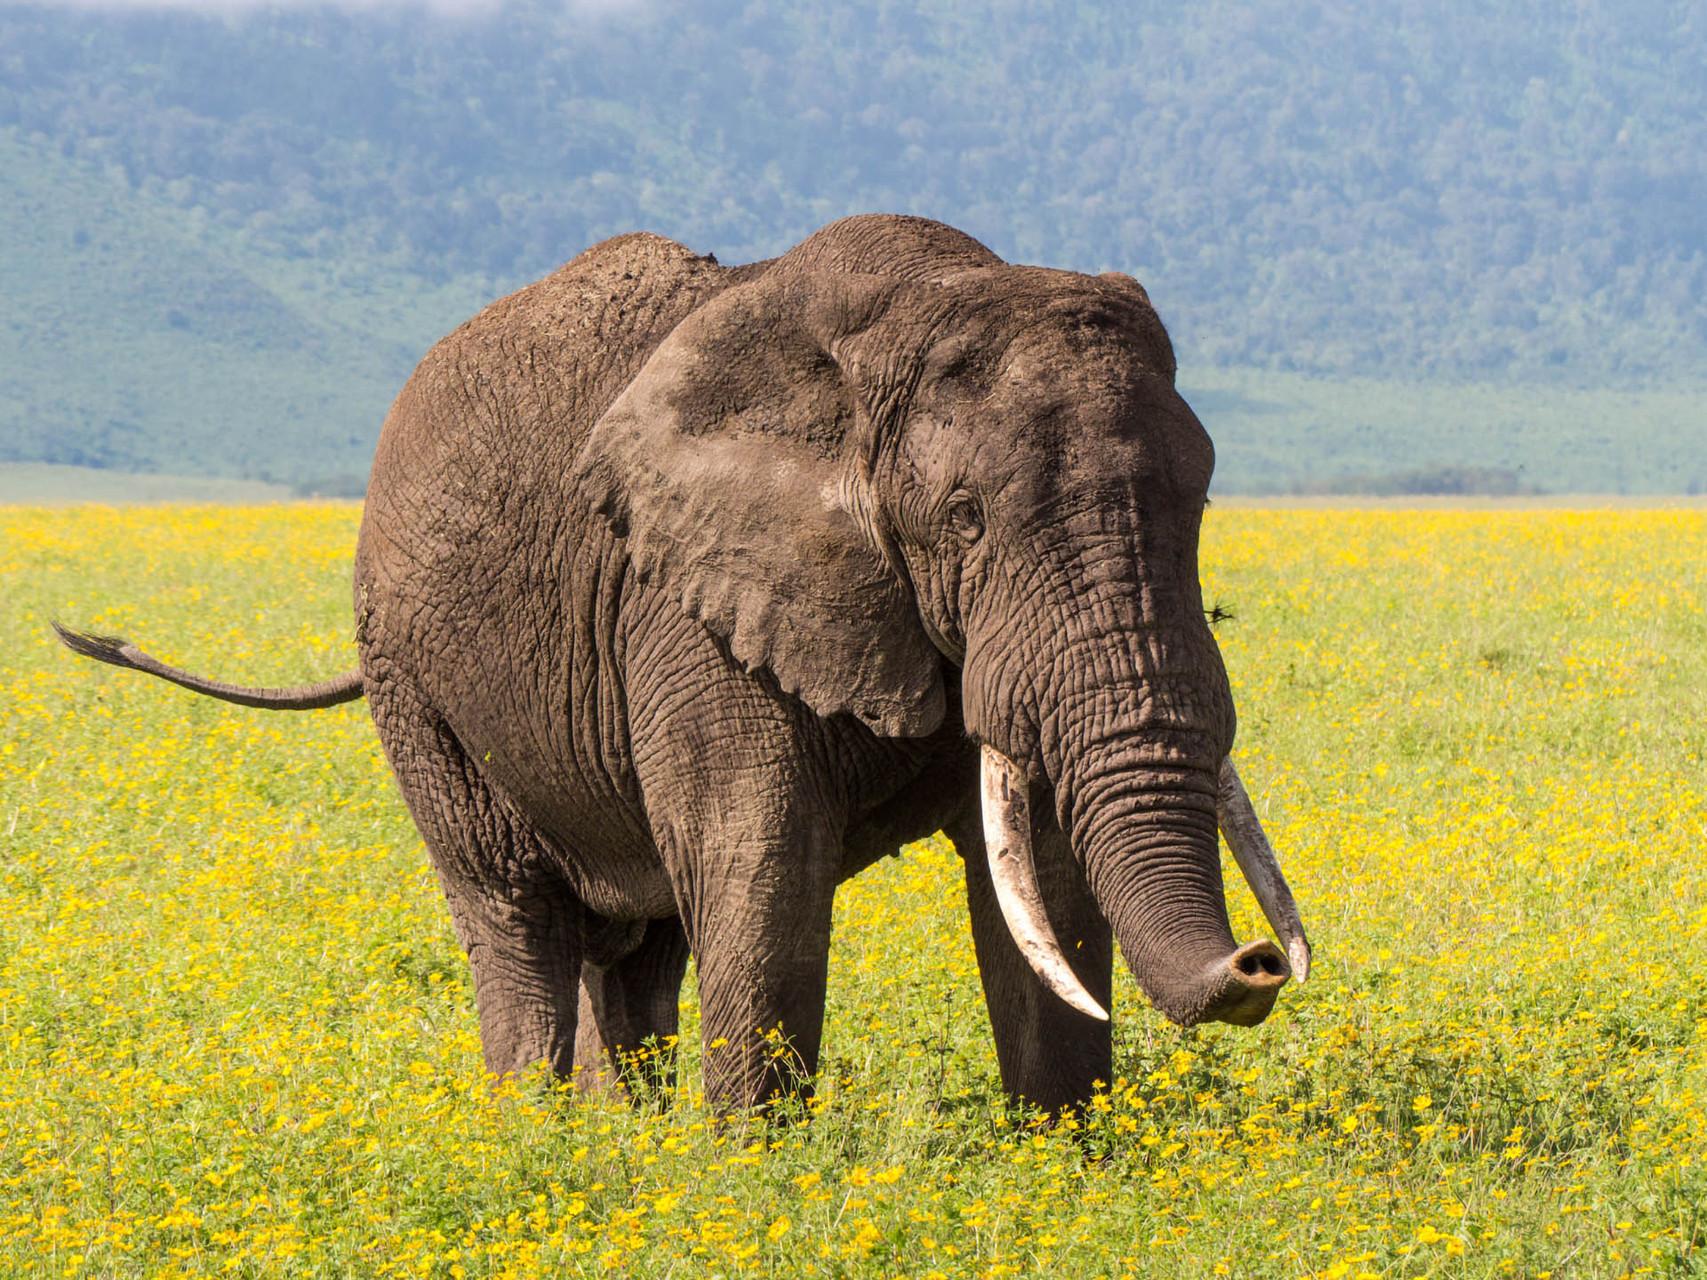 Elefant [Ngorongoro, Tanzania, 2015]